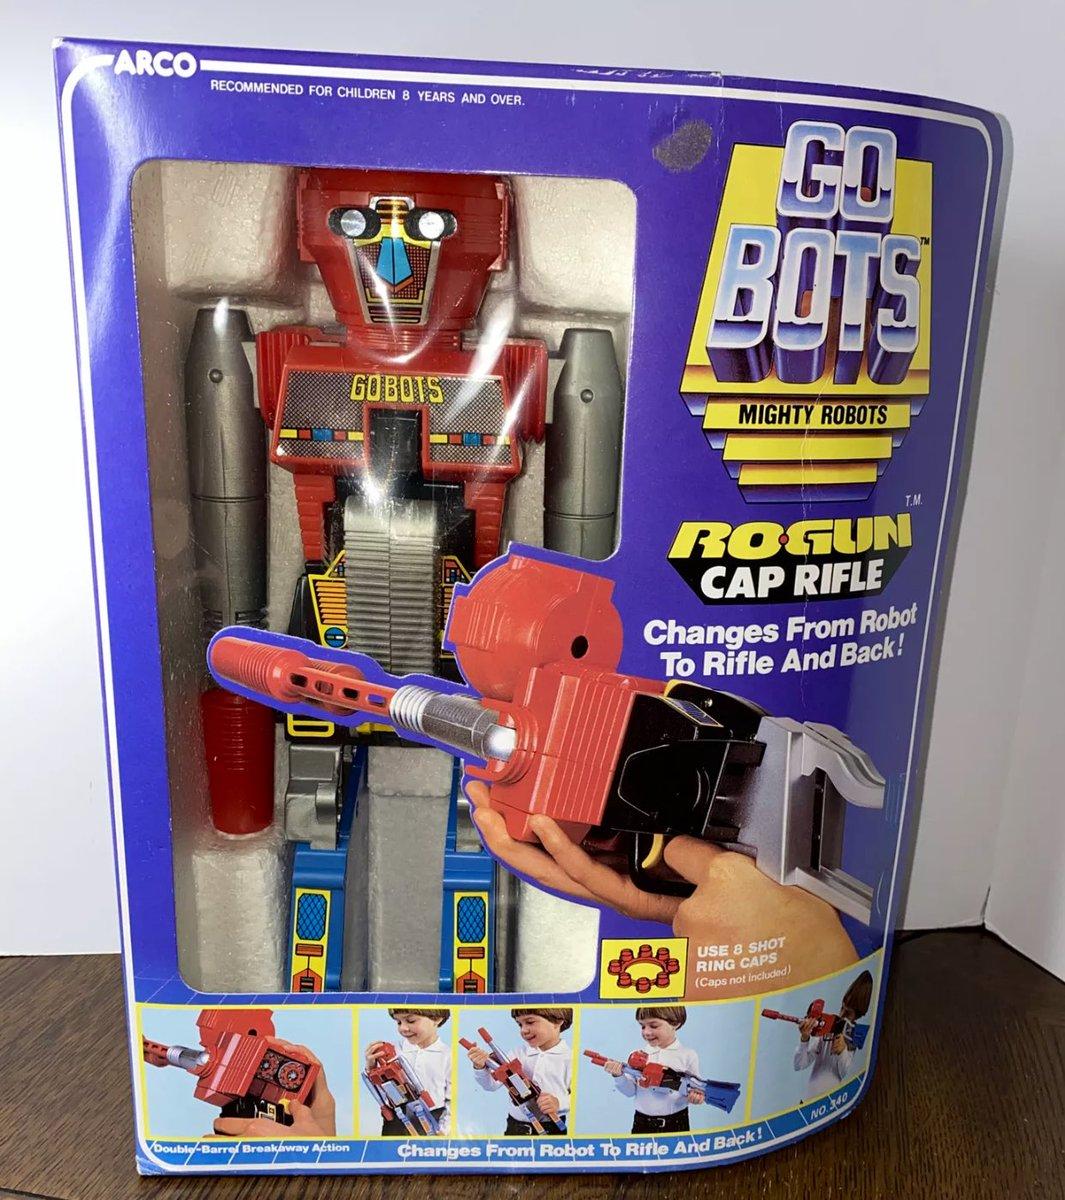 #GOBOTS #ROGUN #Robot #Gun Cap #Rifle #Arco #1984 #Mighty #Robots #Transforming #Toy NRFP